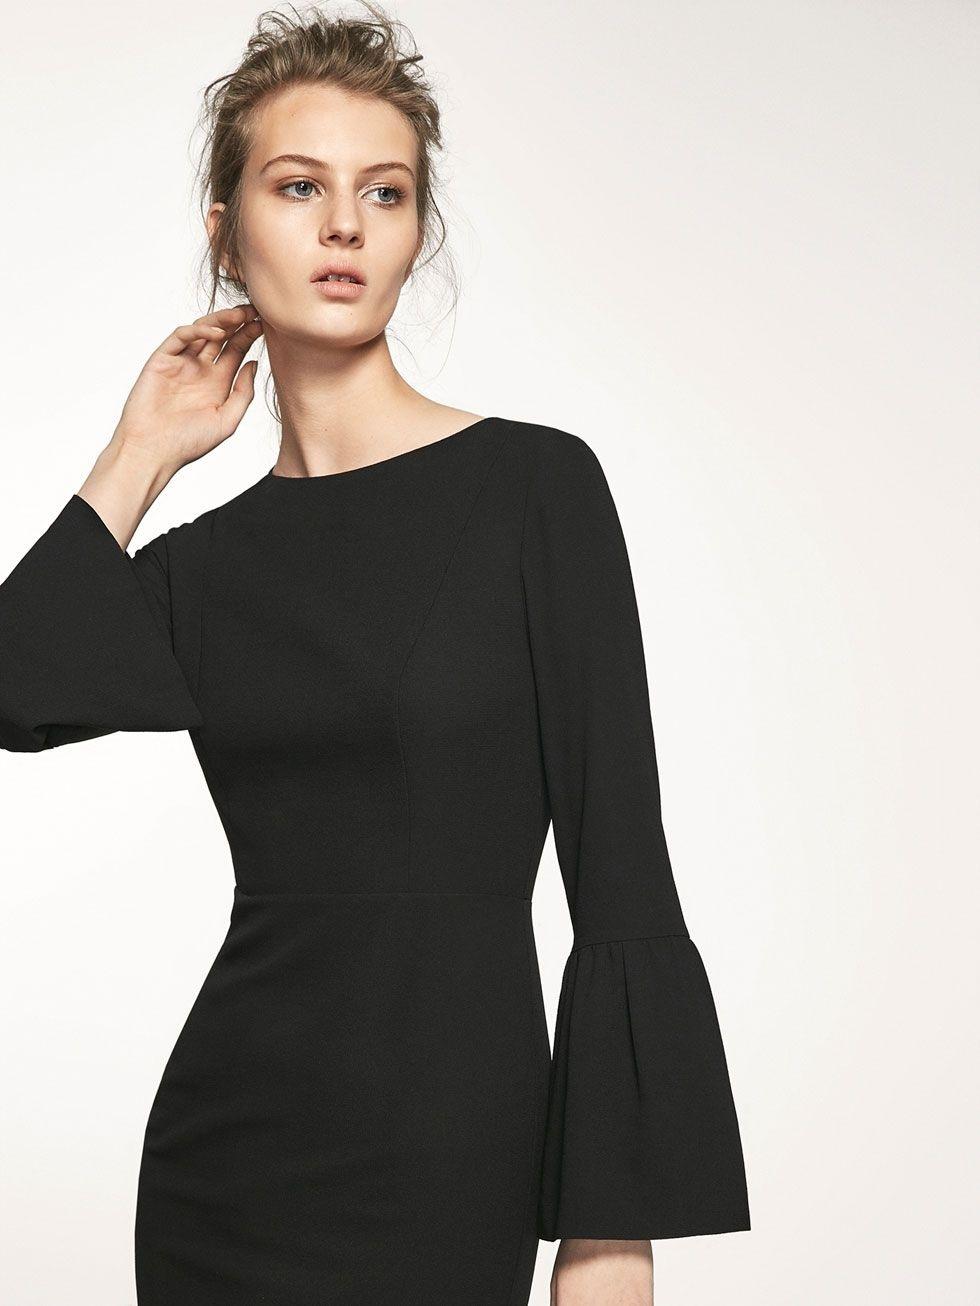 15 Spektakulär Damenkleider Sommer Vertrieb20 Genial Damenkleider Sommer Stylish